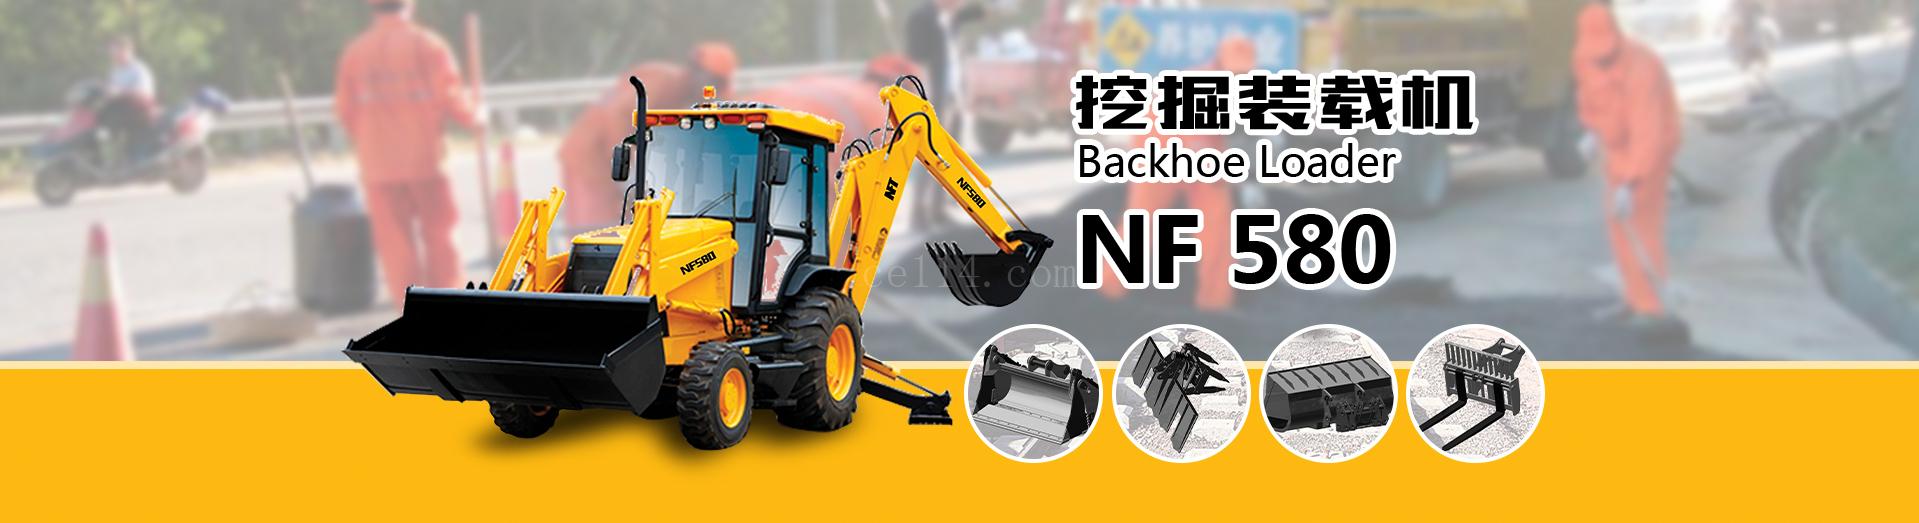 公司簡介-福建省龍圣重工機械股份有限公司